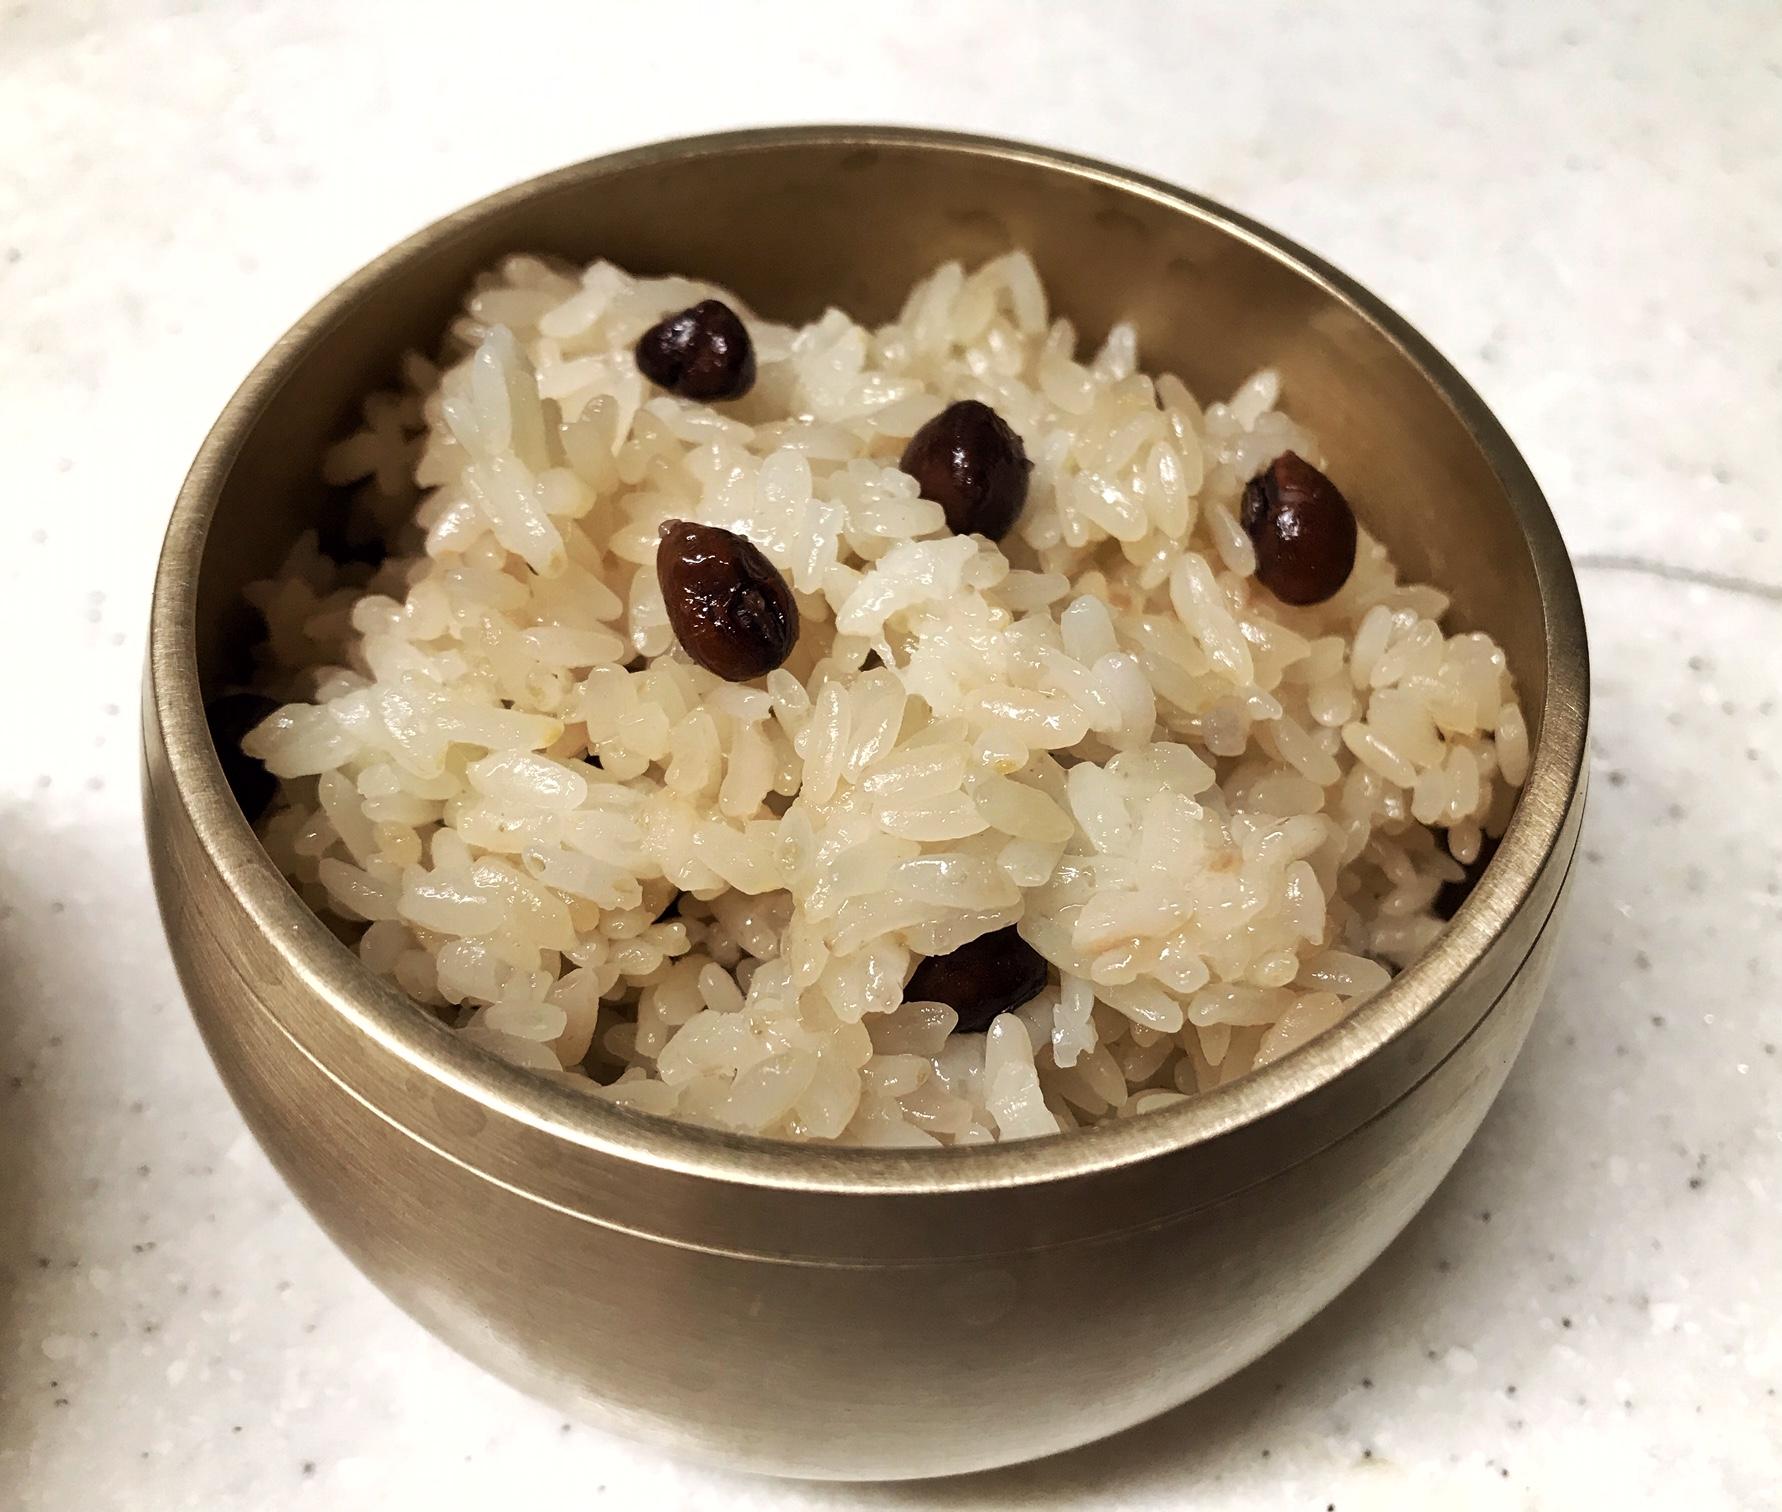 알알이 살아있는 찰밥 - 오곡밥이나 찰진밥을 안 ...